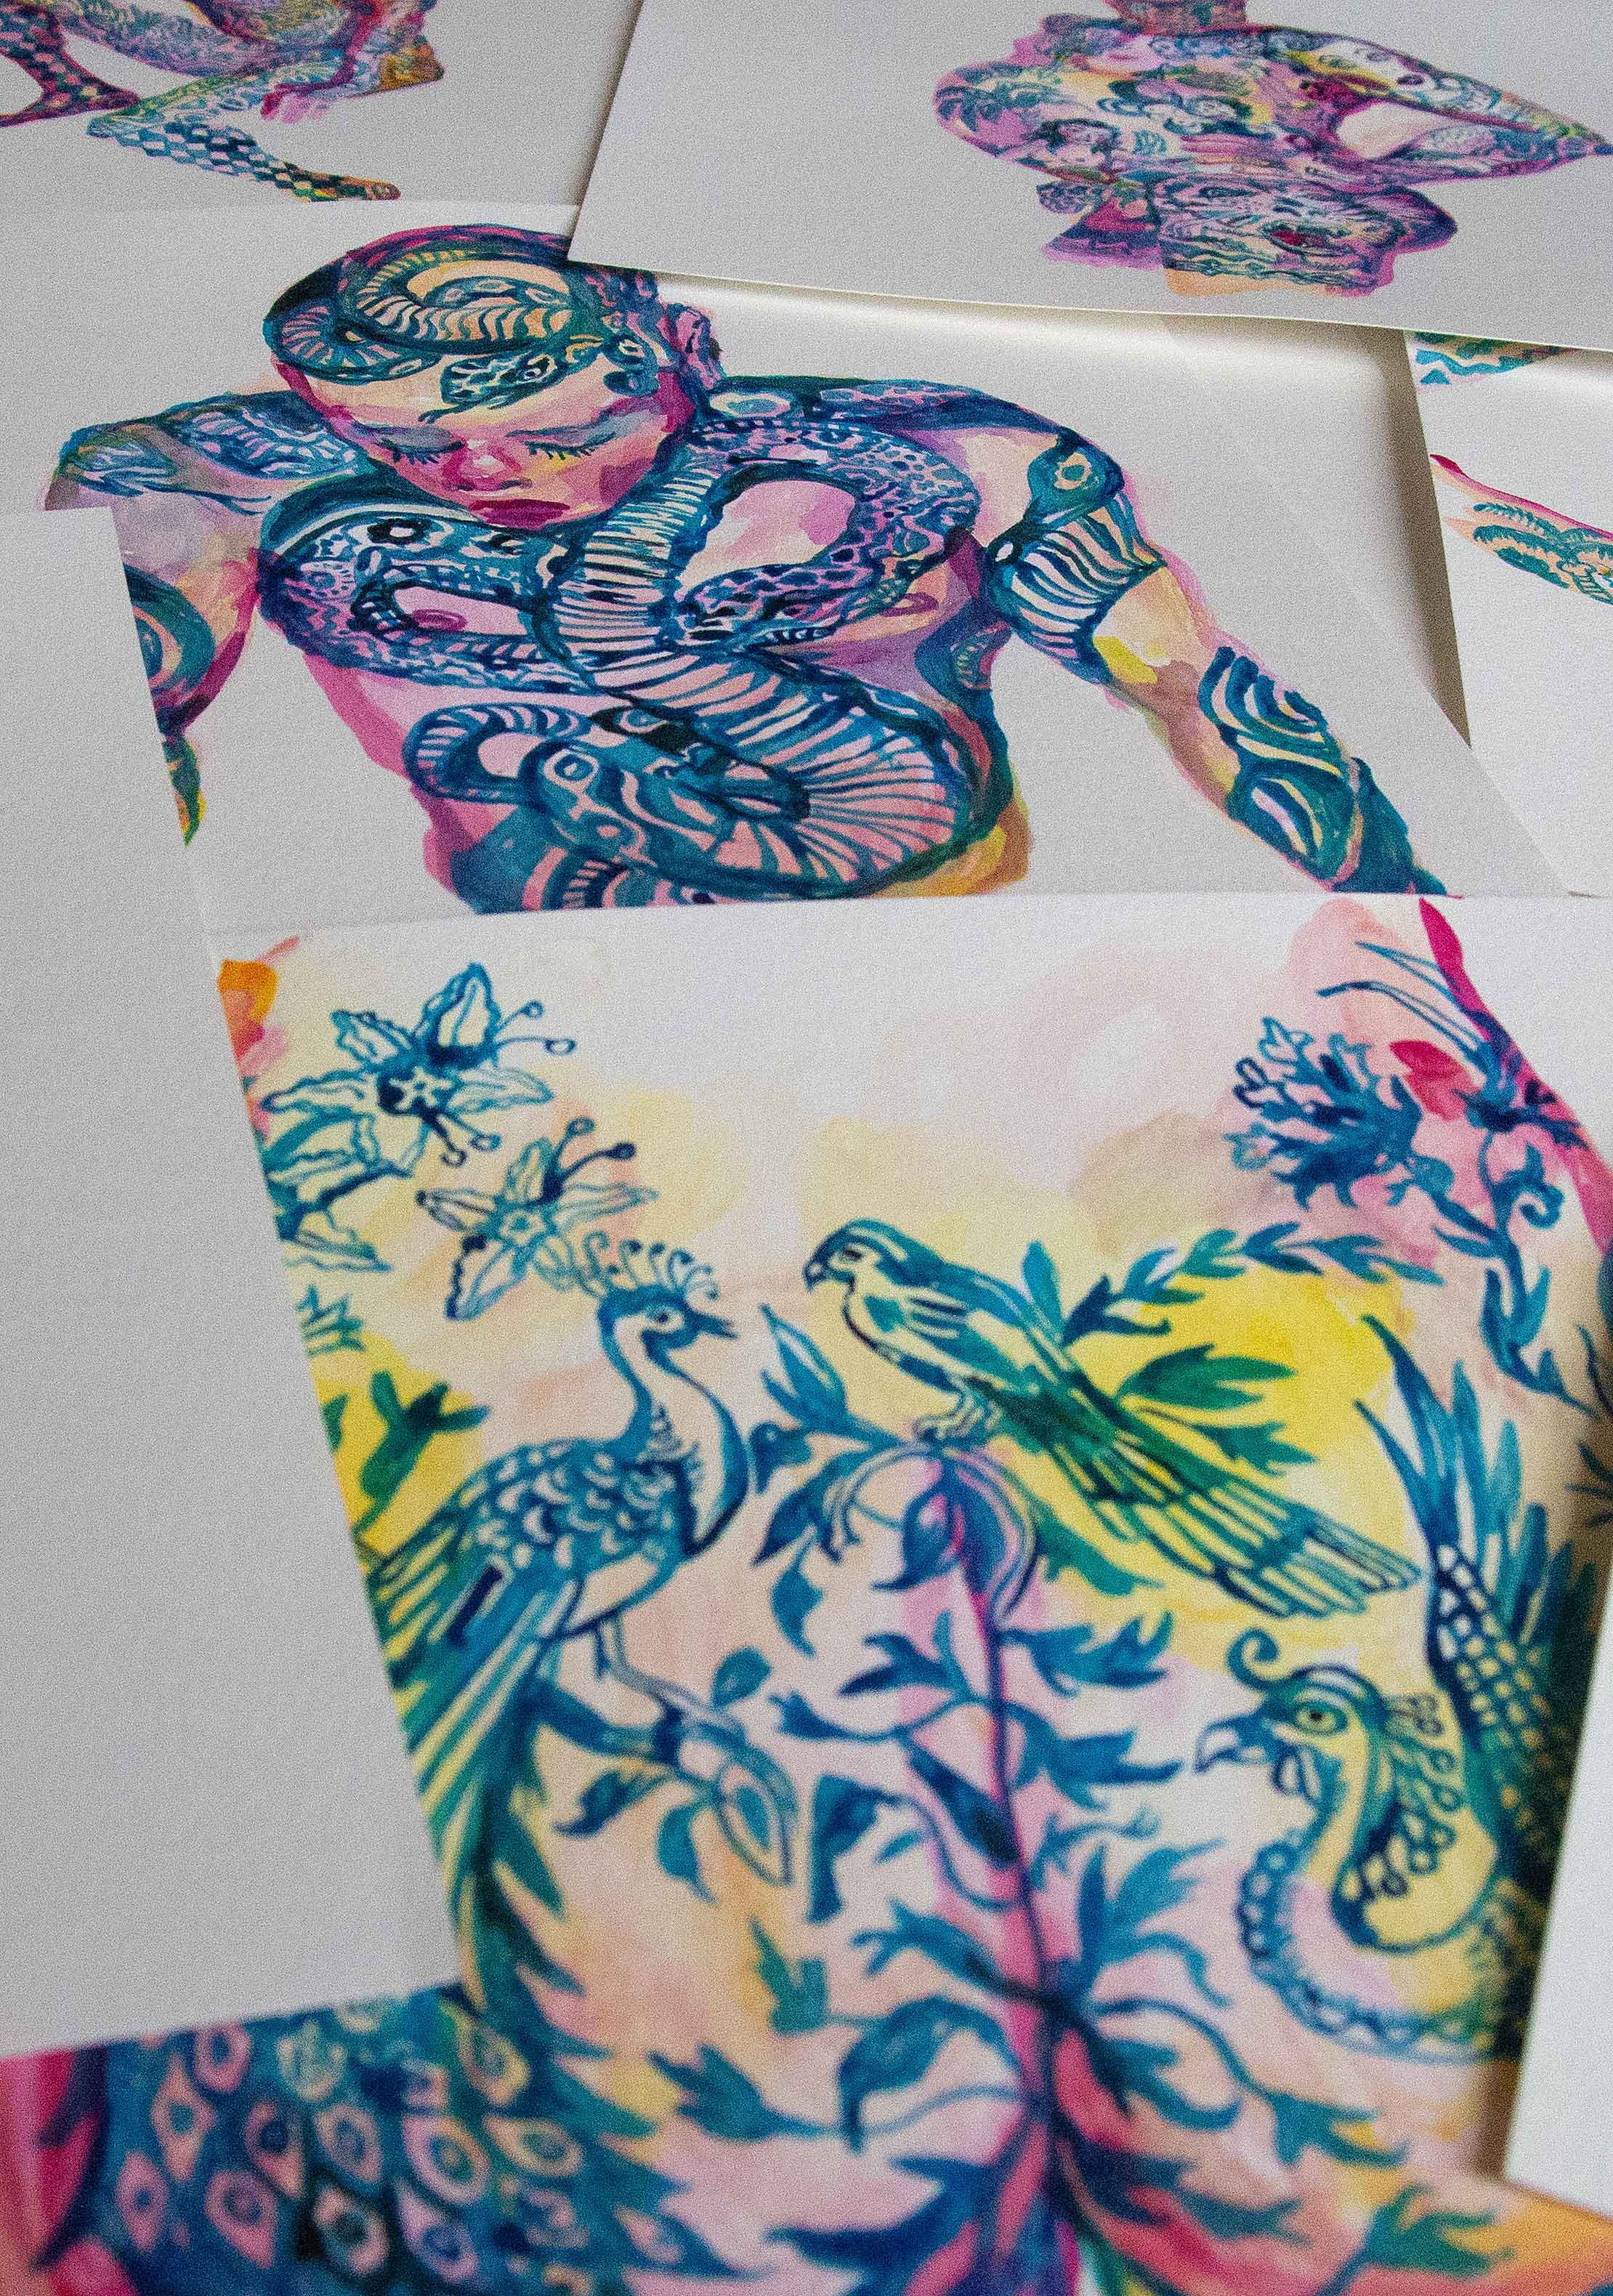 dessins-tatoos2